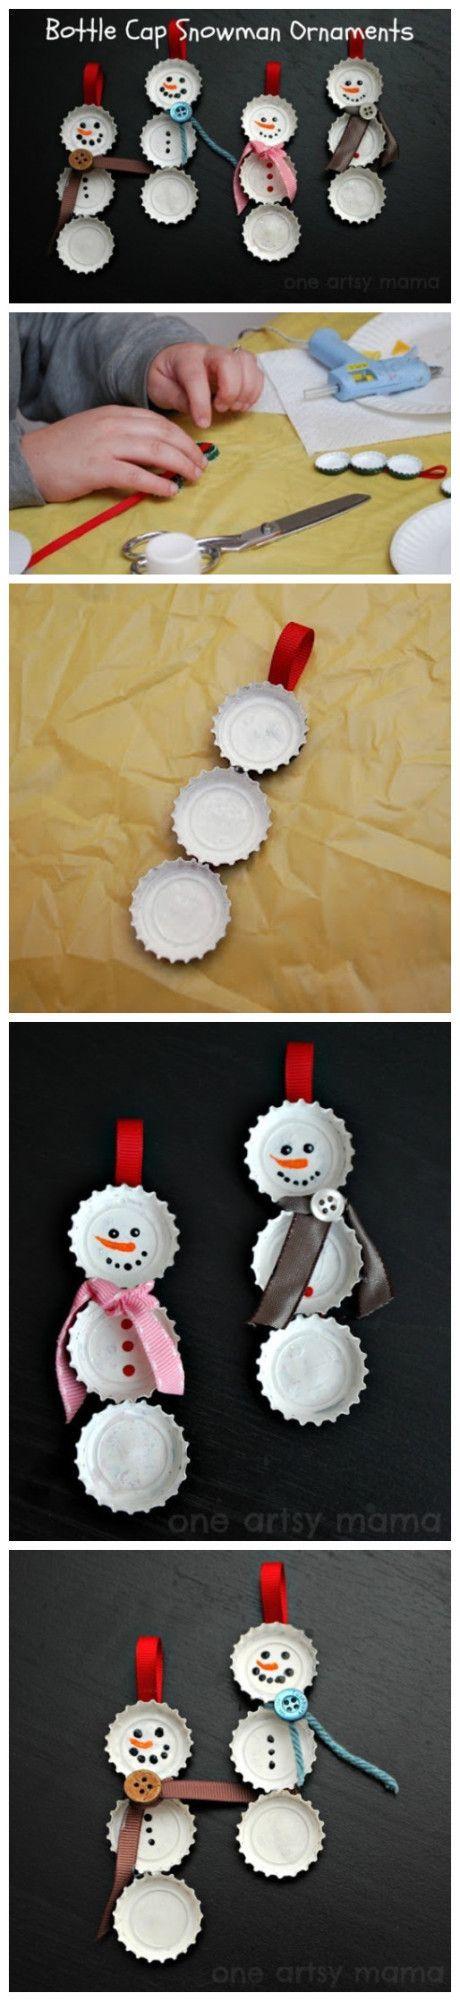 Bierdopjes sneeuwpop knutselen - groep 5 t/m 8